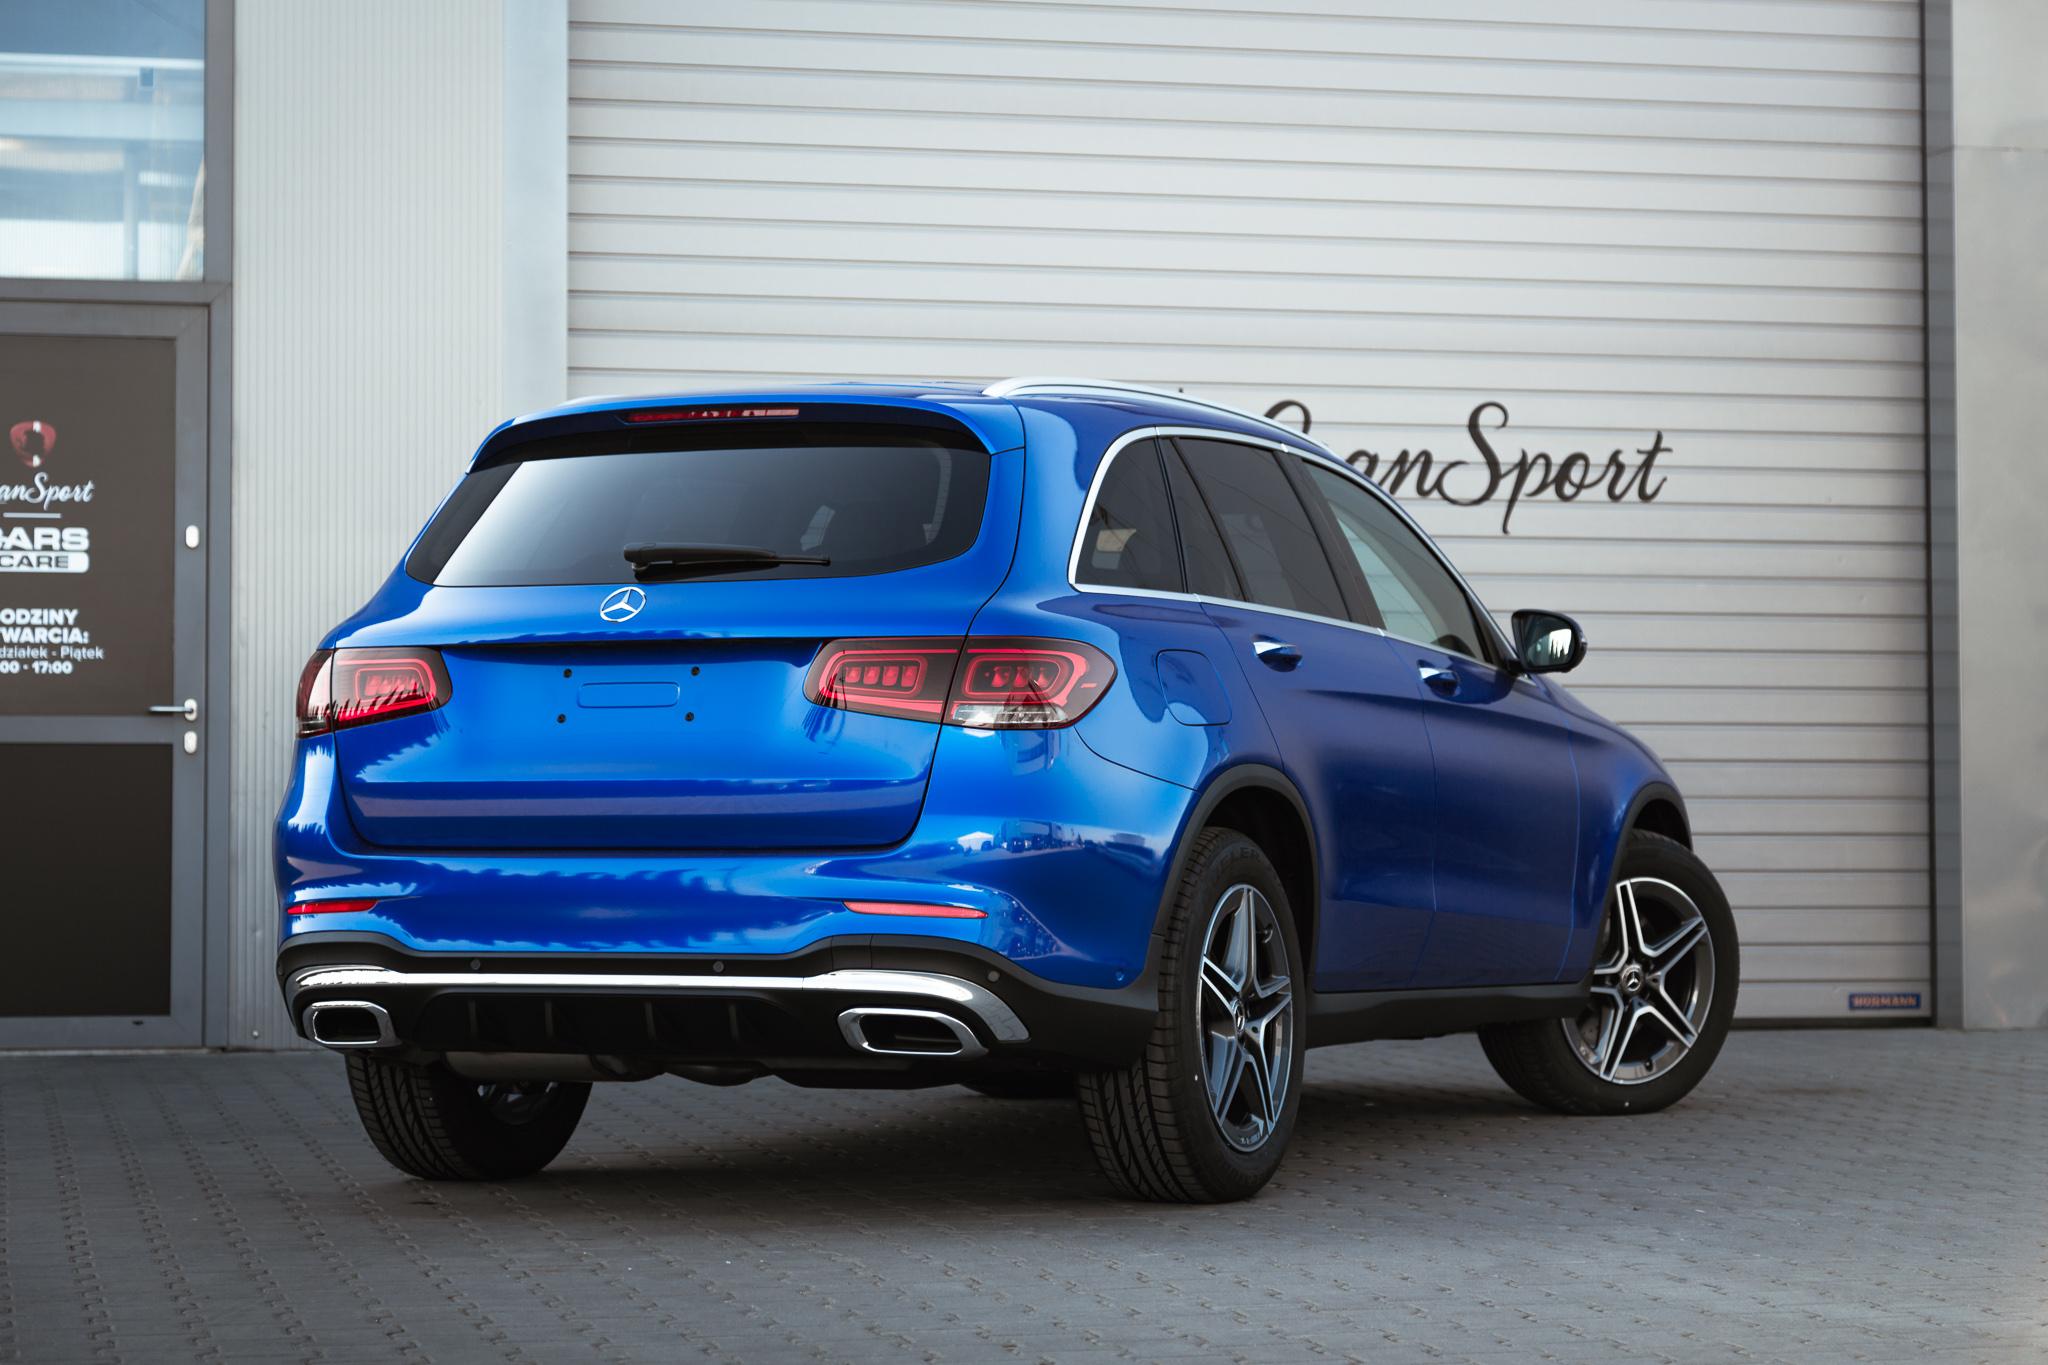 Mercedes-Benz GLC SUV - Zmiana koloru auta folią - carscare.pl